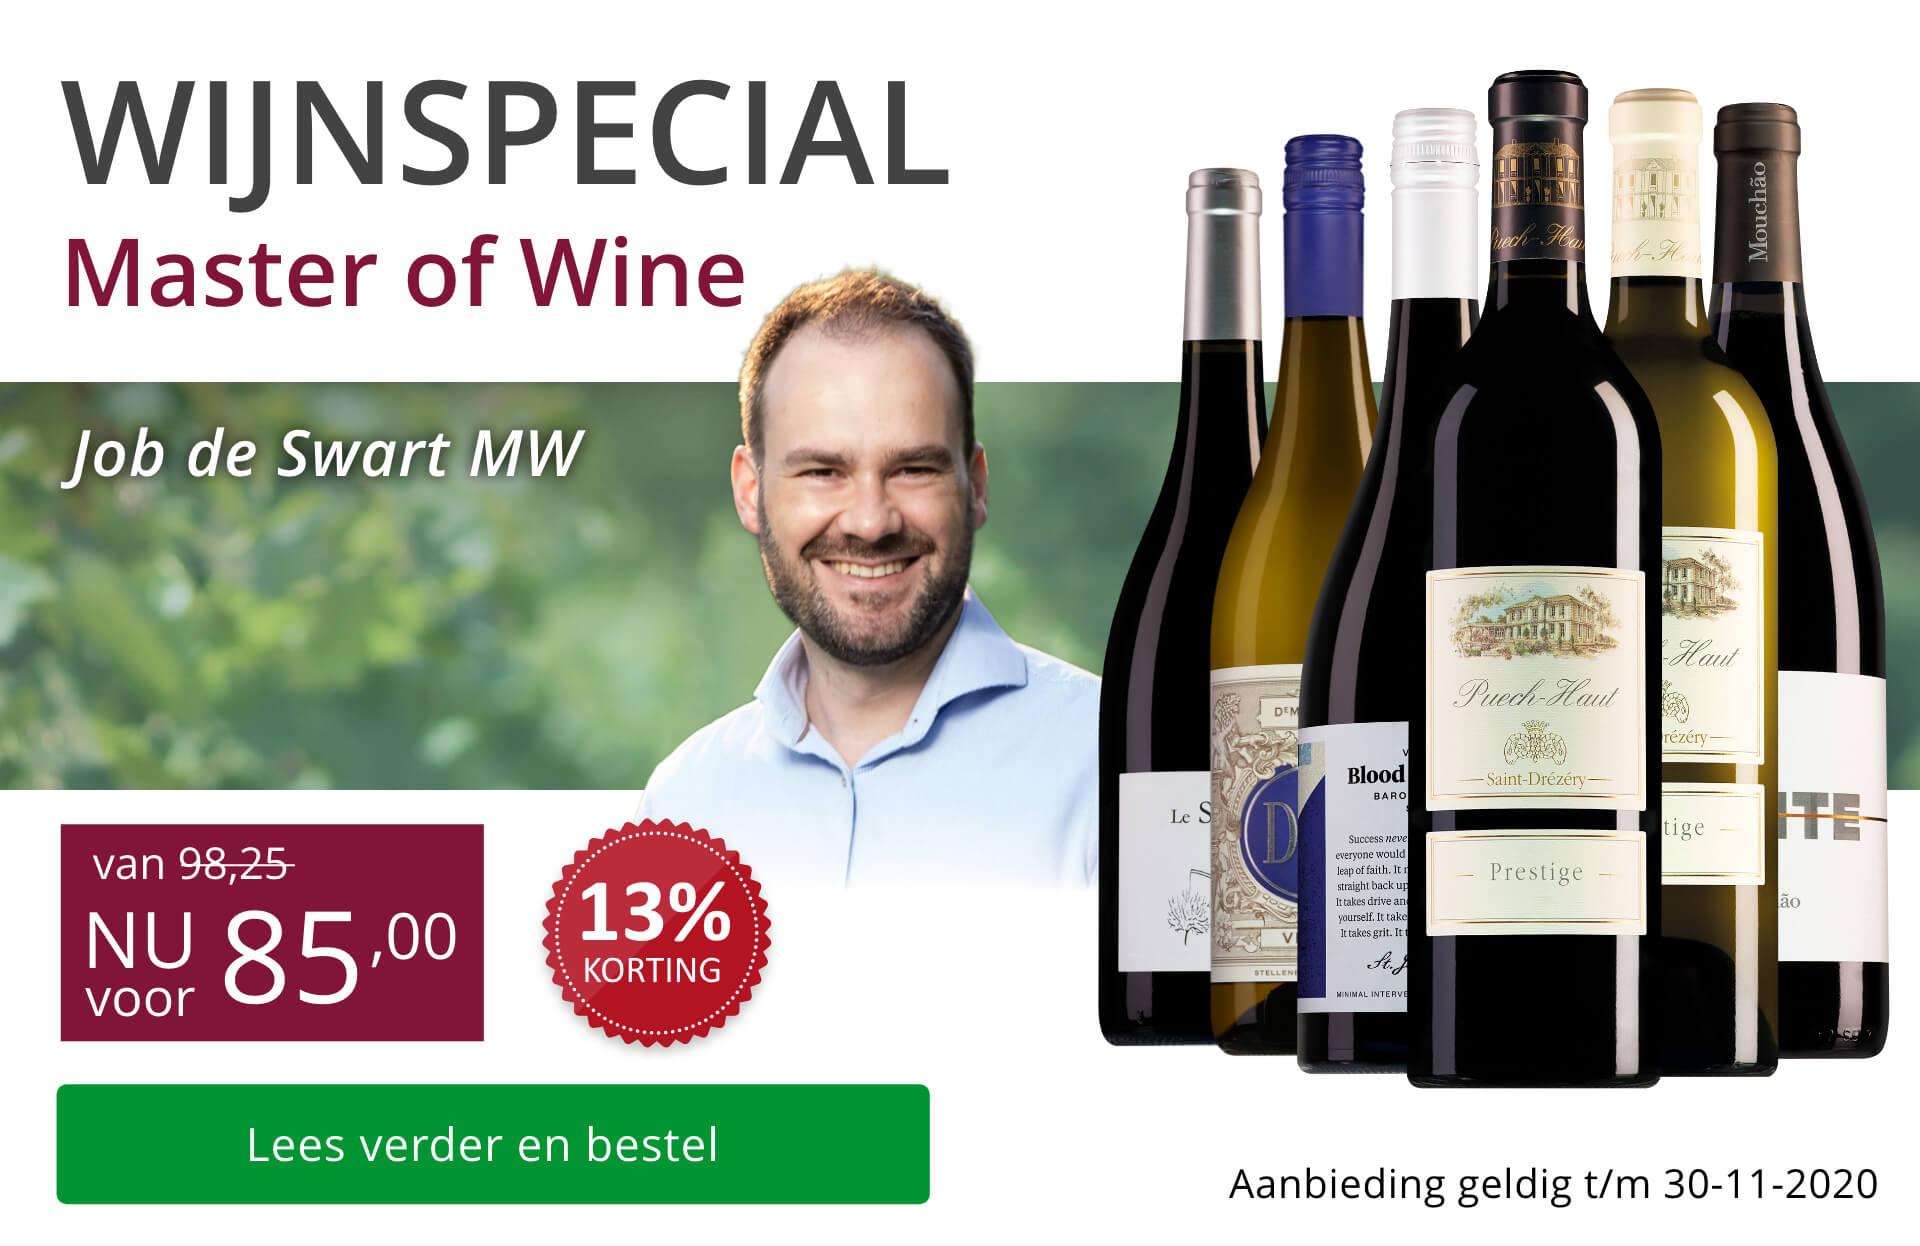 Wijnspecial Master of Wine-selectie - paars